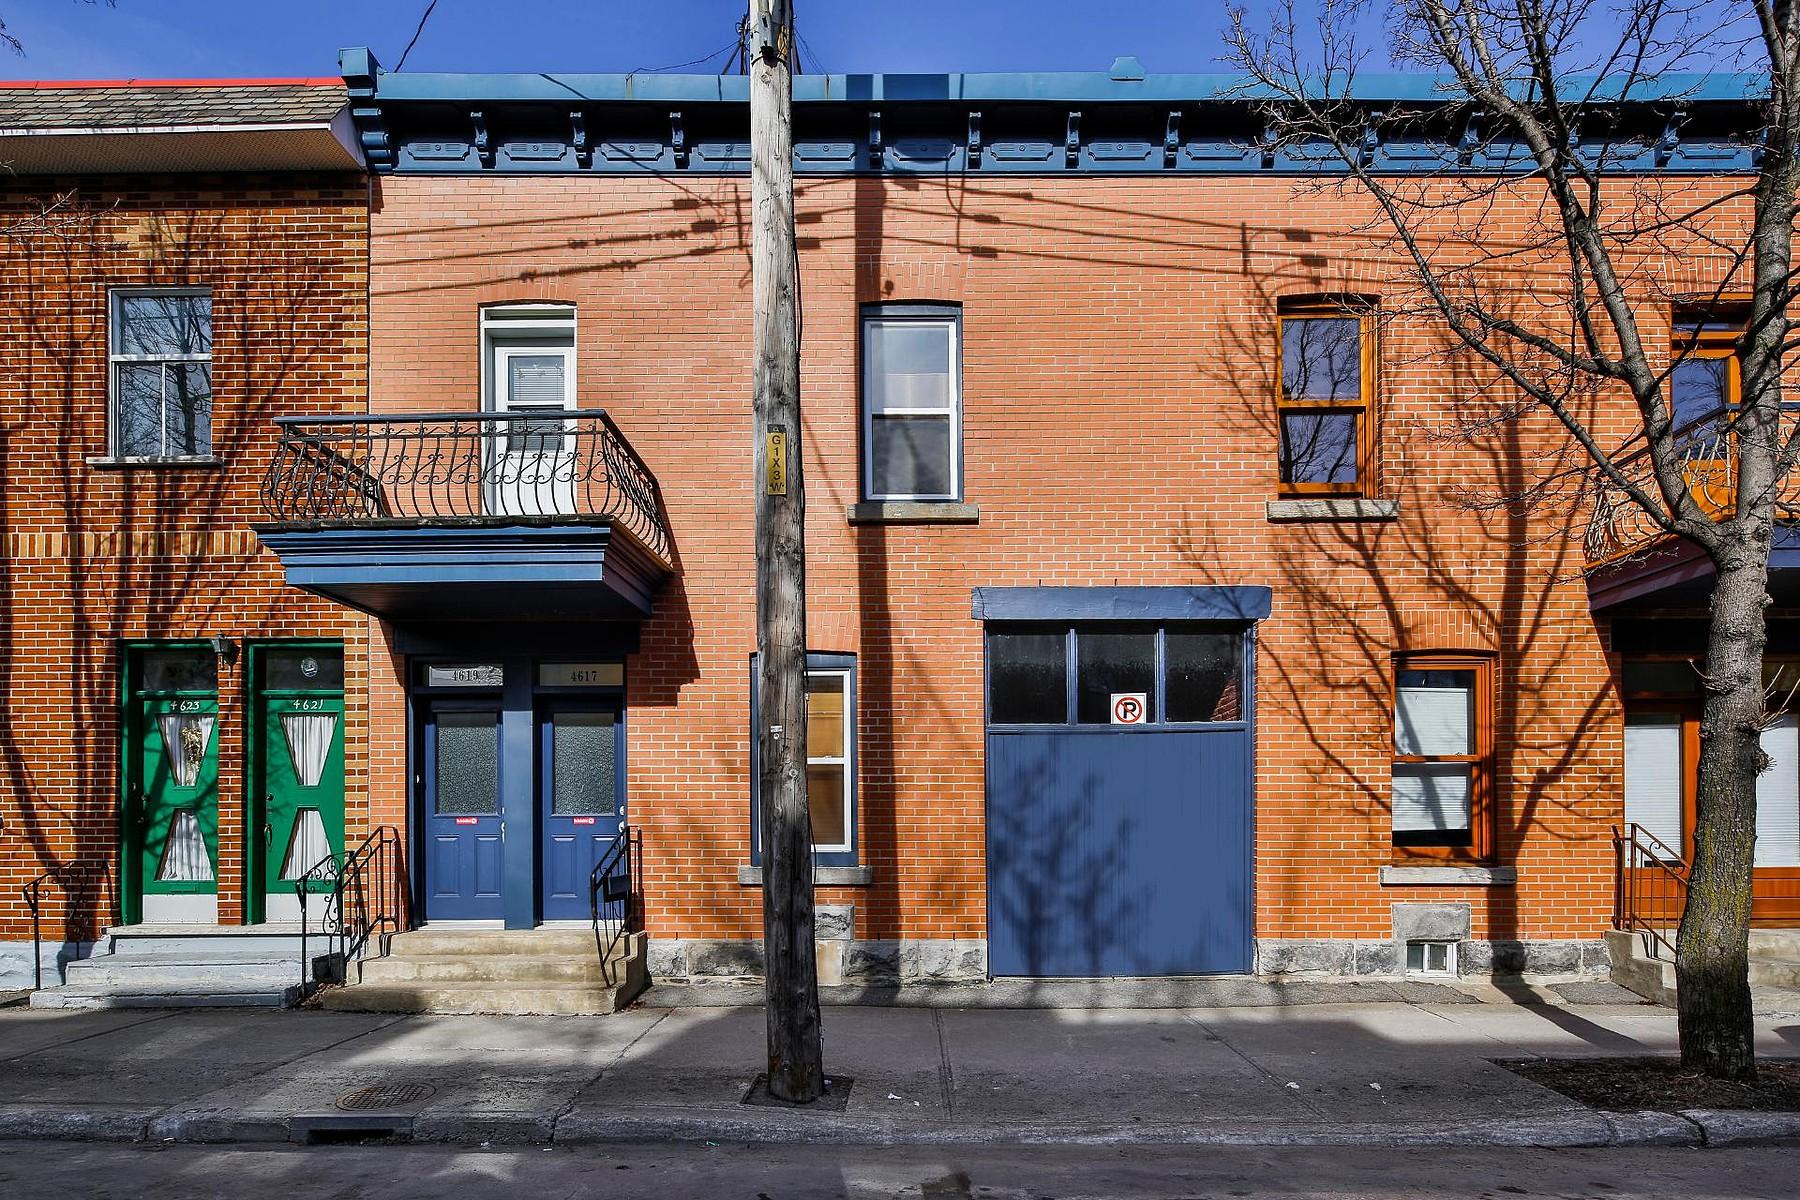 Casa Unifamiliar por un Venta en Le Plateau-Mont-Royal, Montréal 4617 Av. Coloniale Le Plateau Mont Royal, Quebec, H2T1W1 Canadá